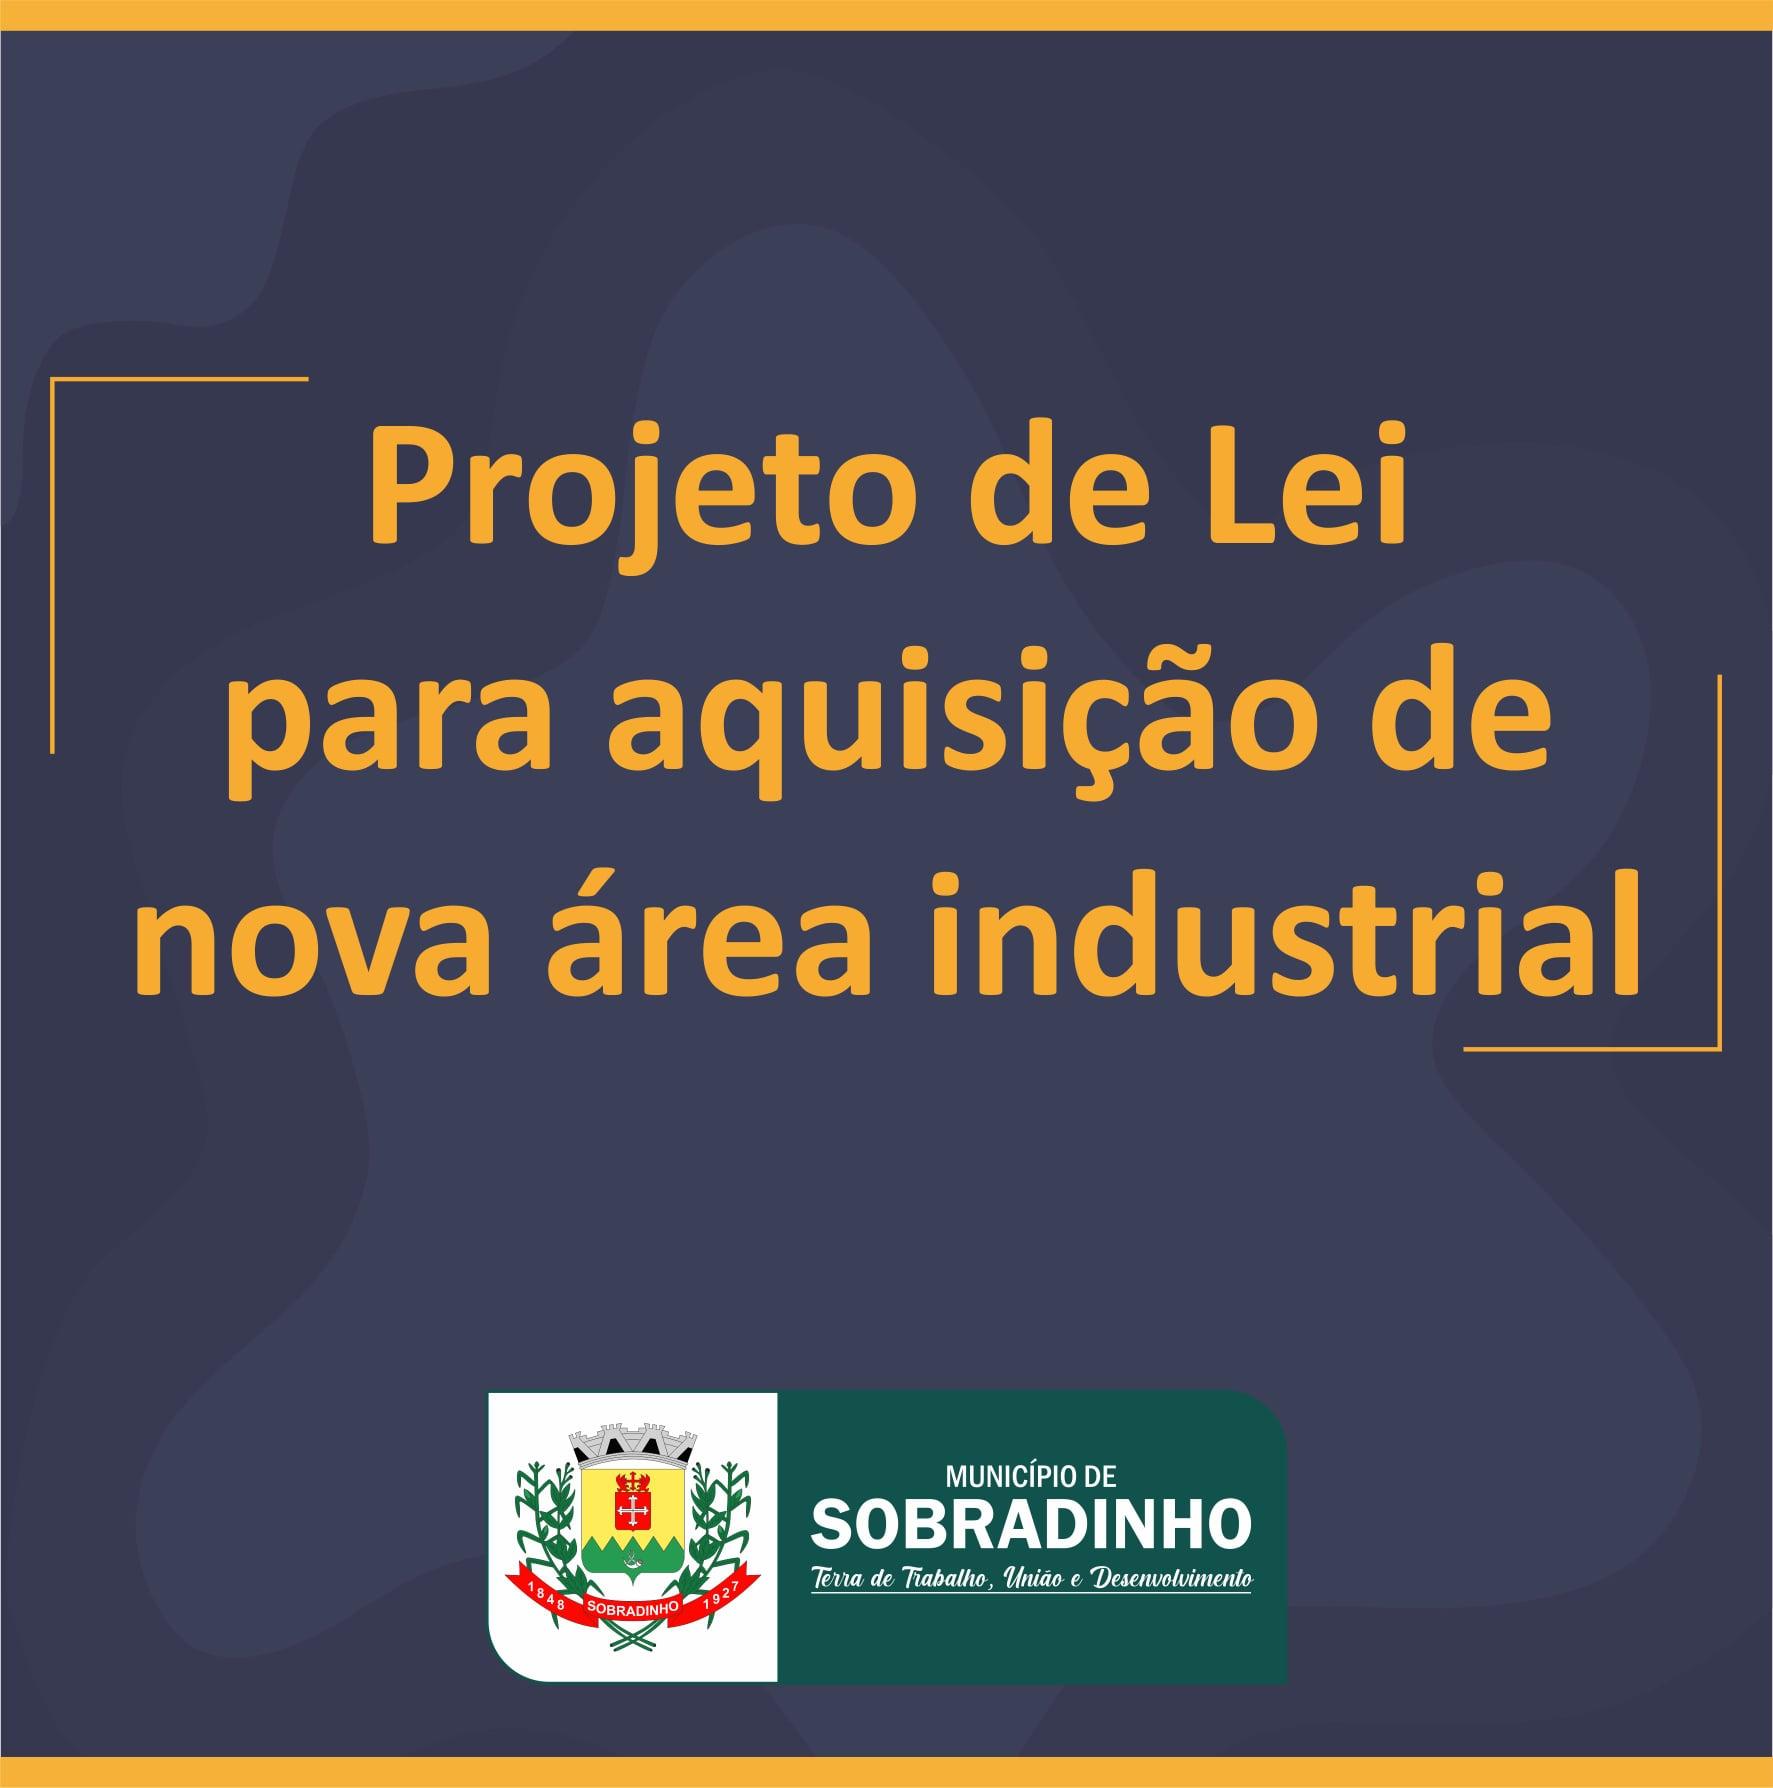 Administração de Sobradinho encaminha projeto de lei para aquisição de área industrial